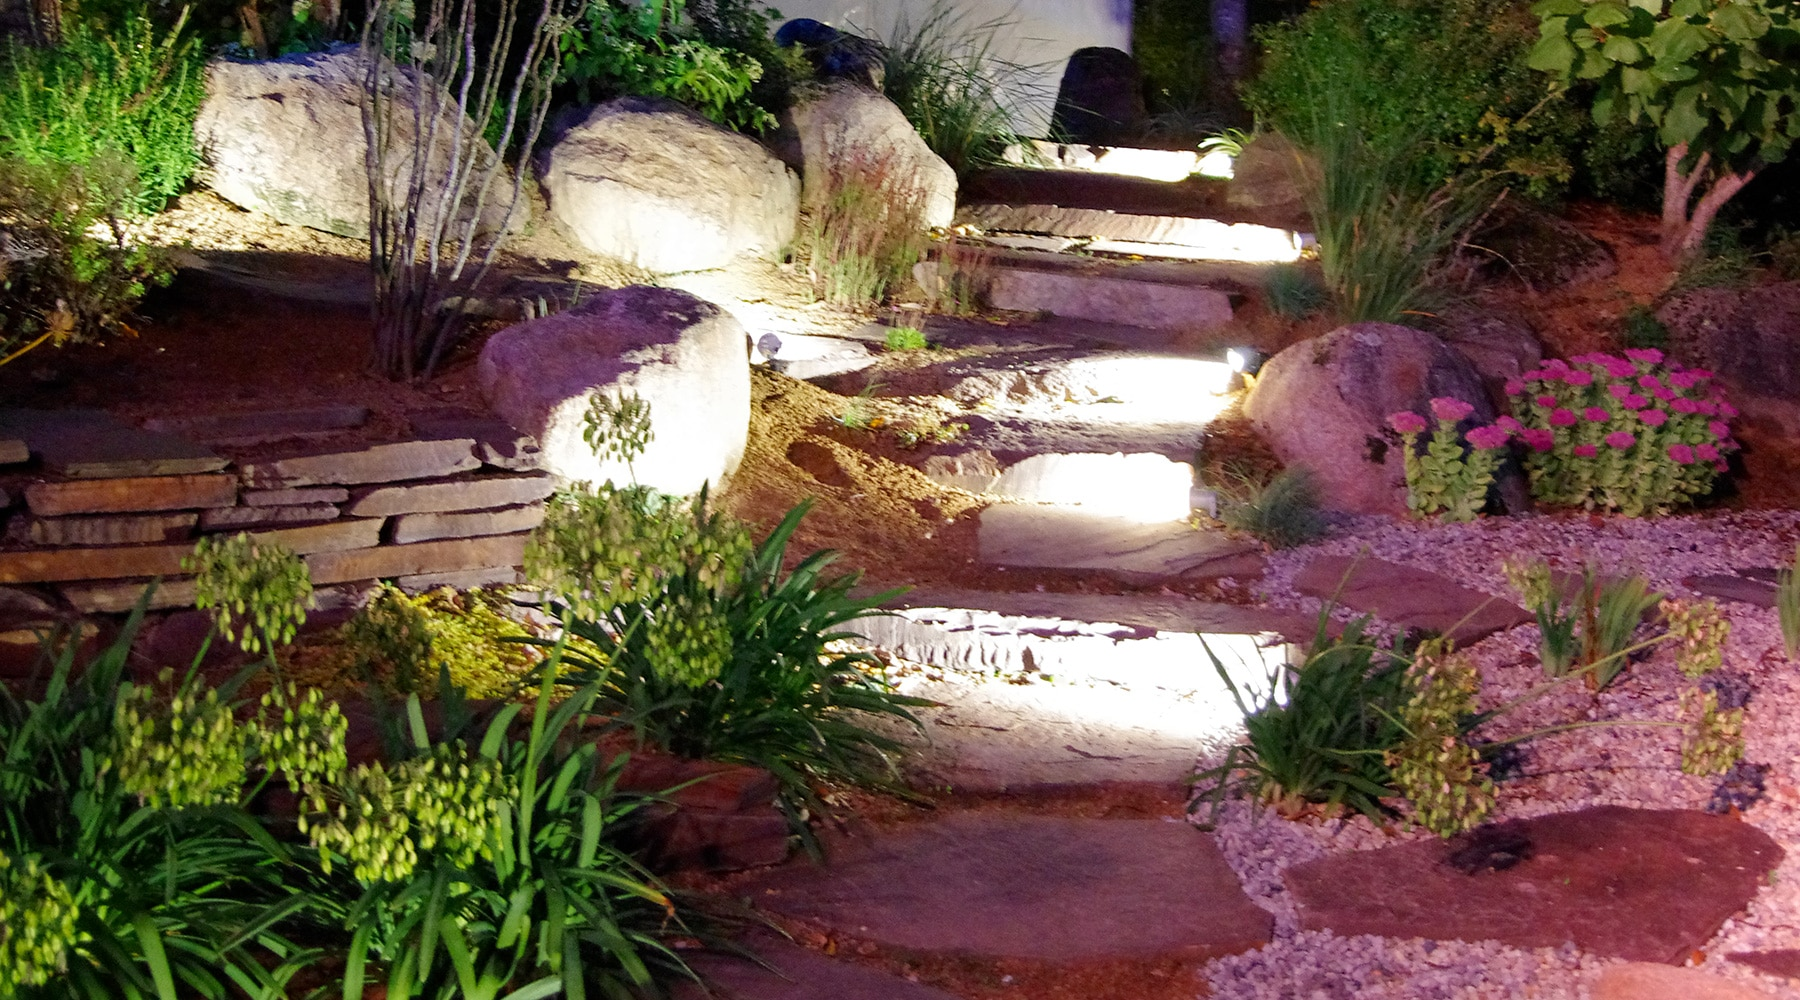 Eclairage De Terrasse Exterieur eclairage exterieur pour terrasse et jardin | paysages conseil